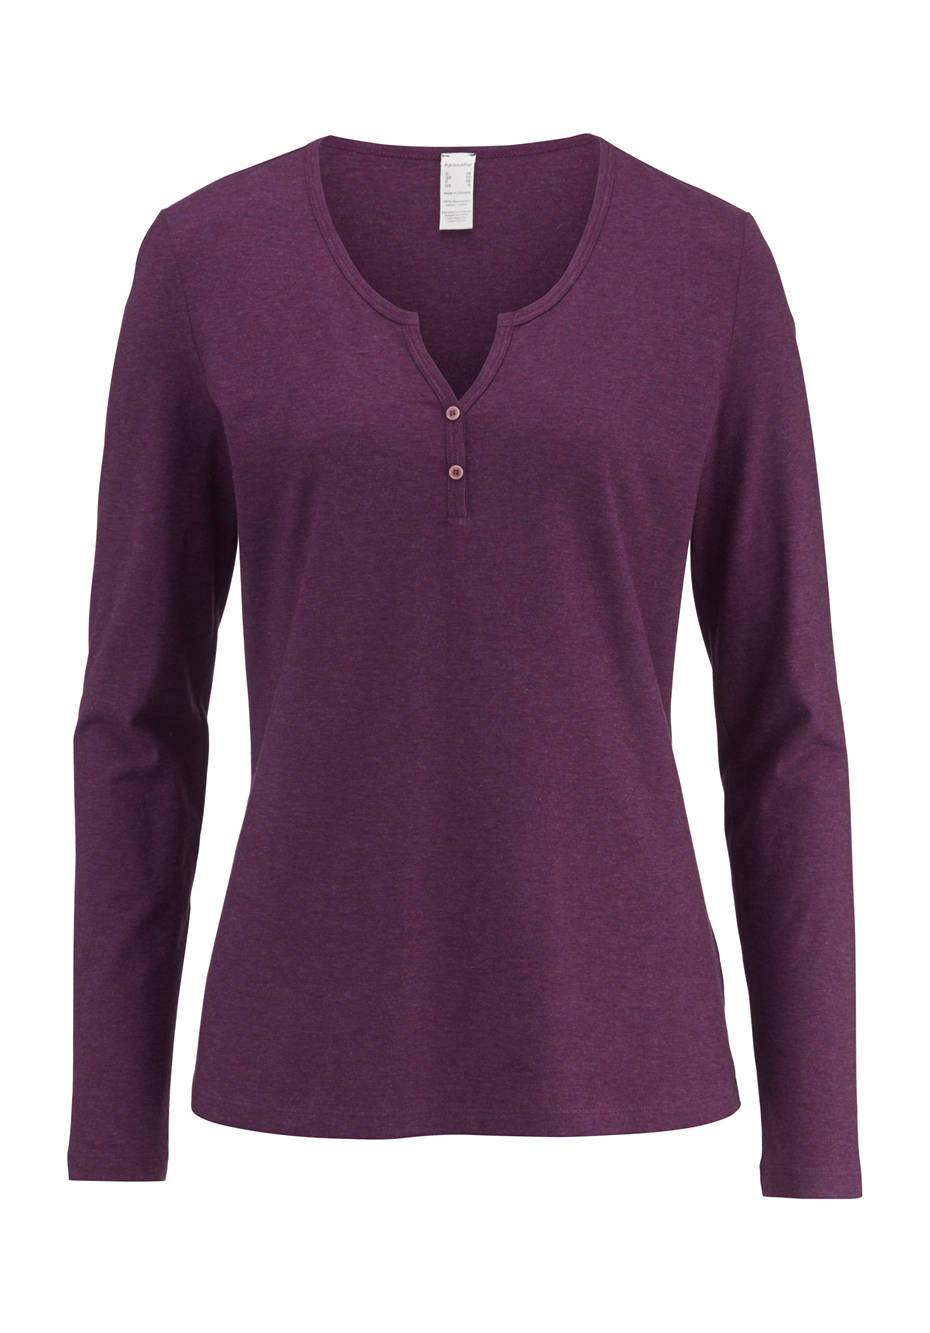 newest collection 9fa1d 4477f Damen Langarm-Shirt aus reiner Bio-Baumwolle